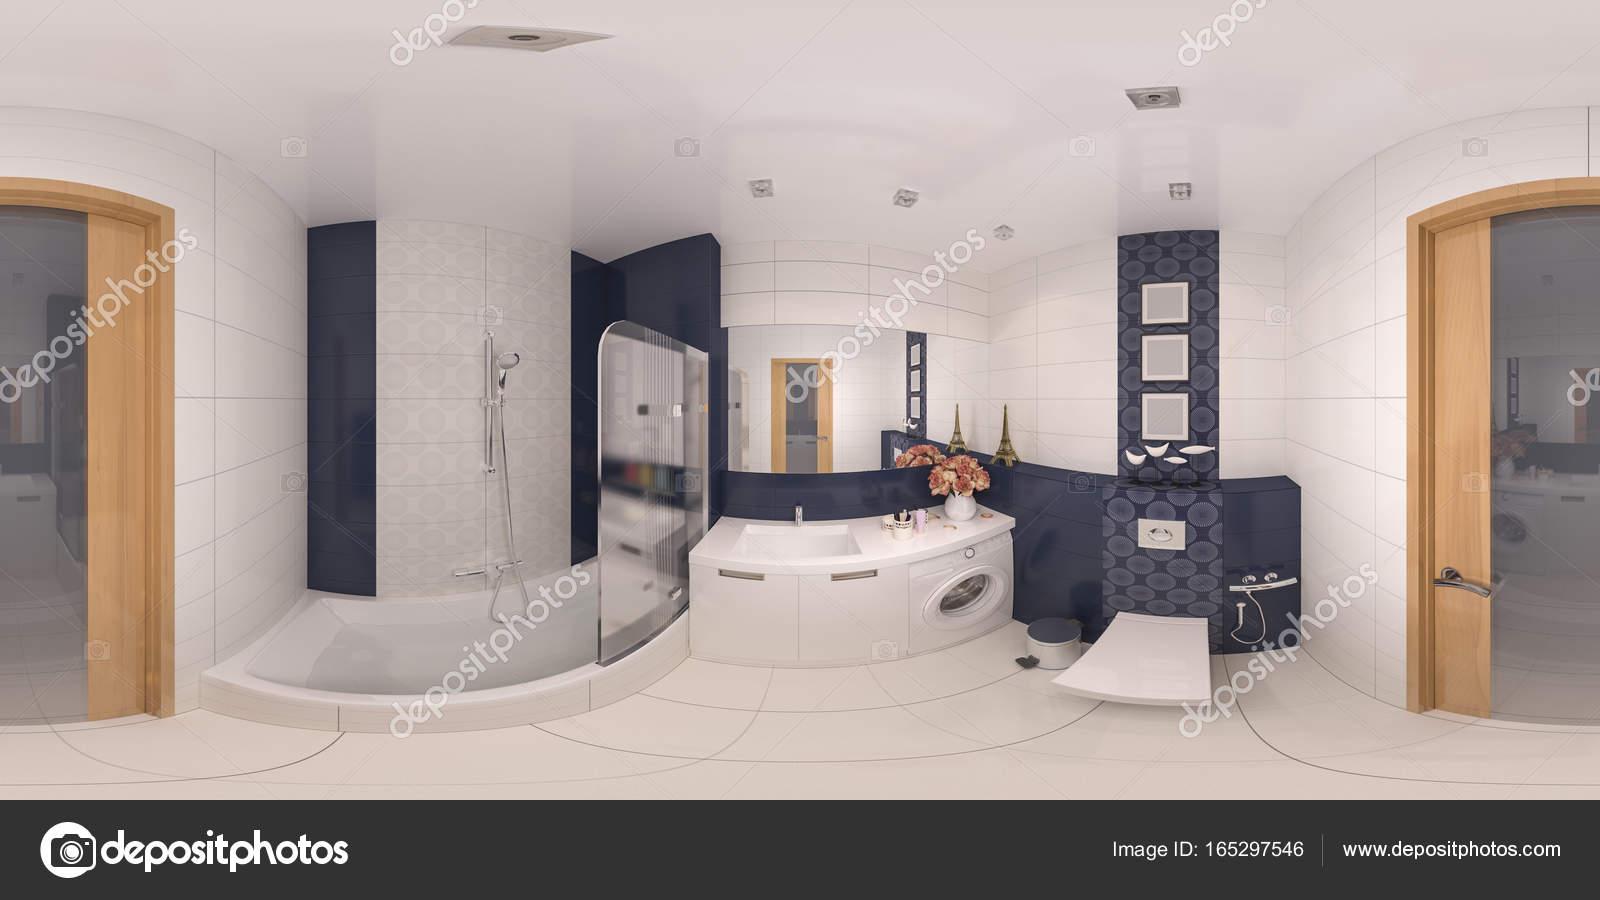 Fotos: cuartos | 360 panorama cuarto de baño de diseño de interiores ...